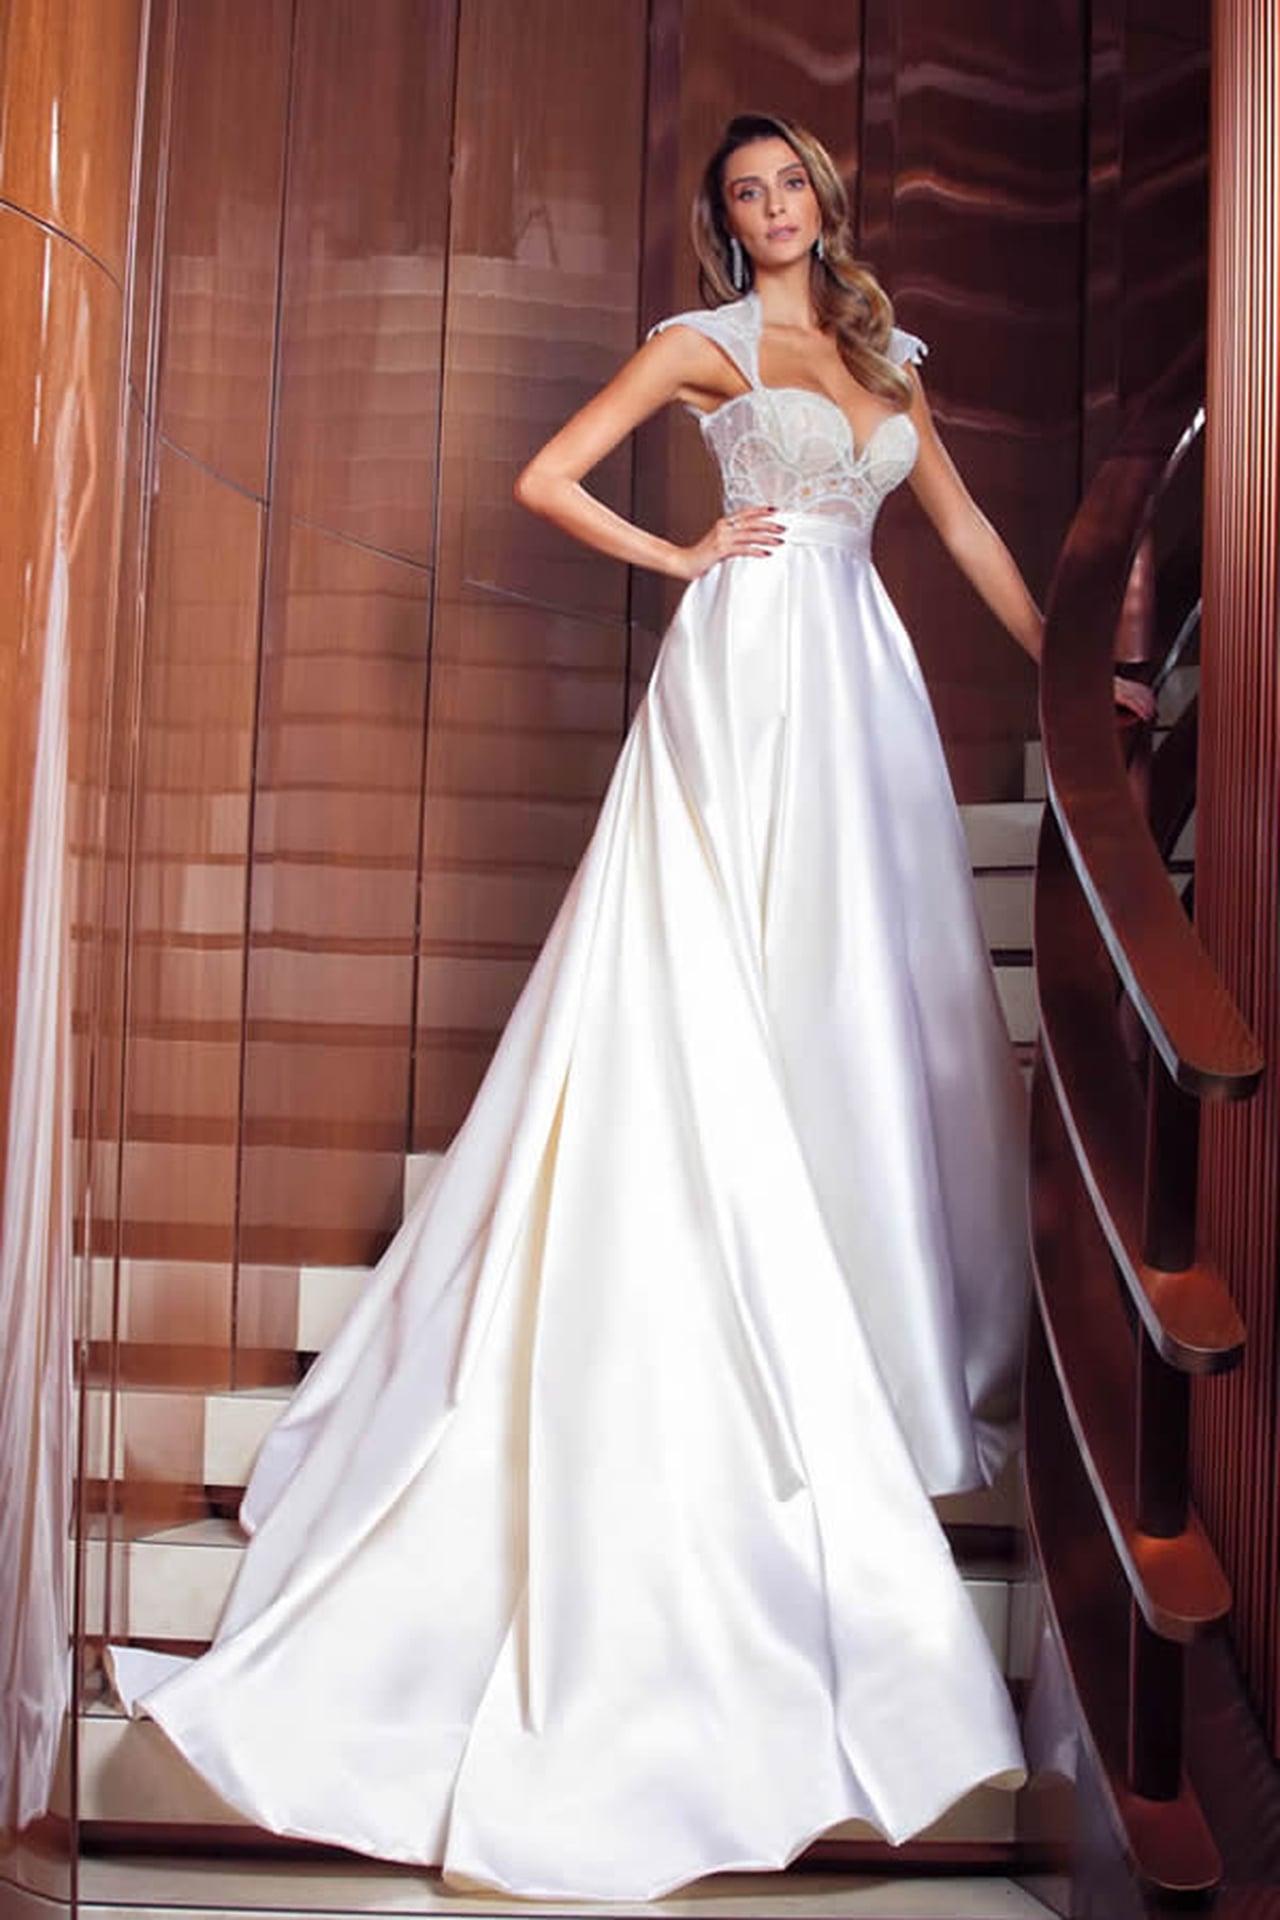 بالصور صور فساتين عرايس , فساتين زفاف راقيه 4623 4